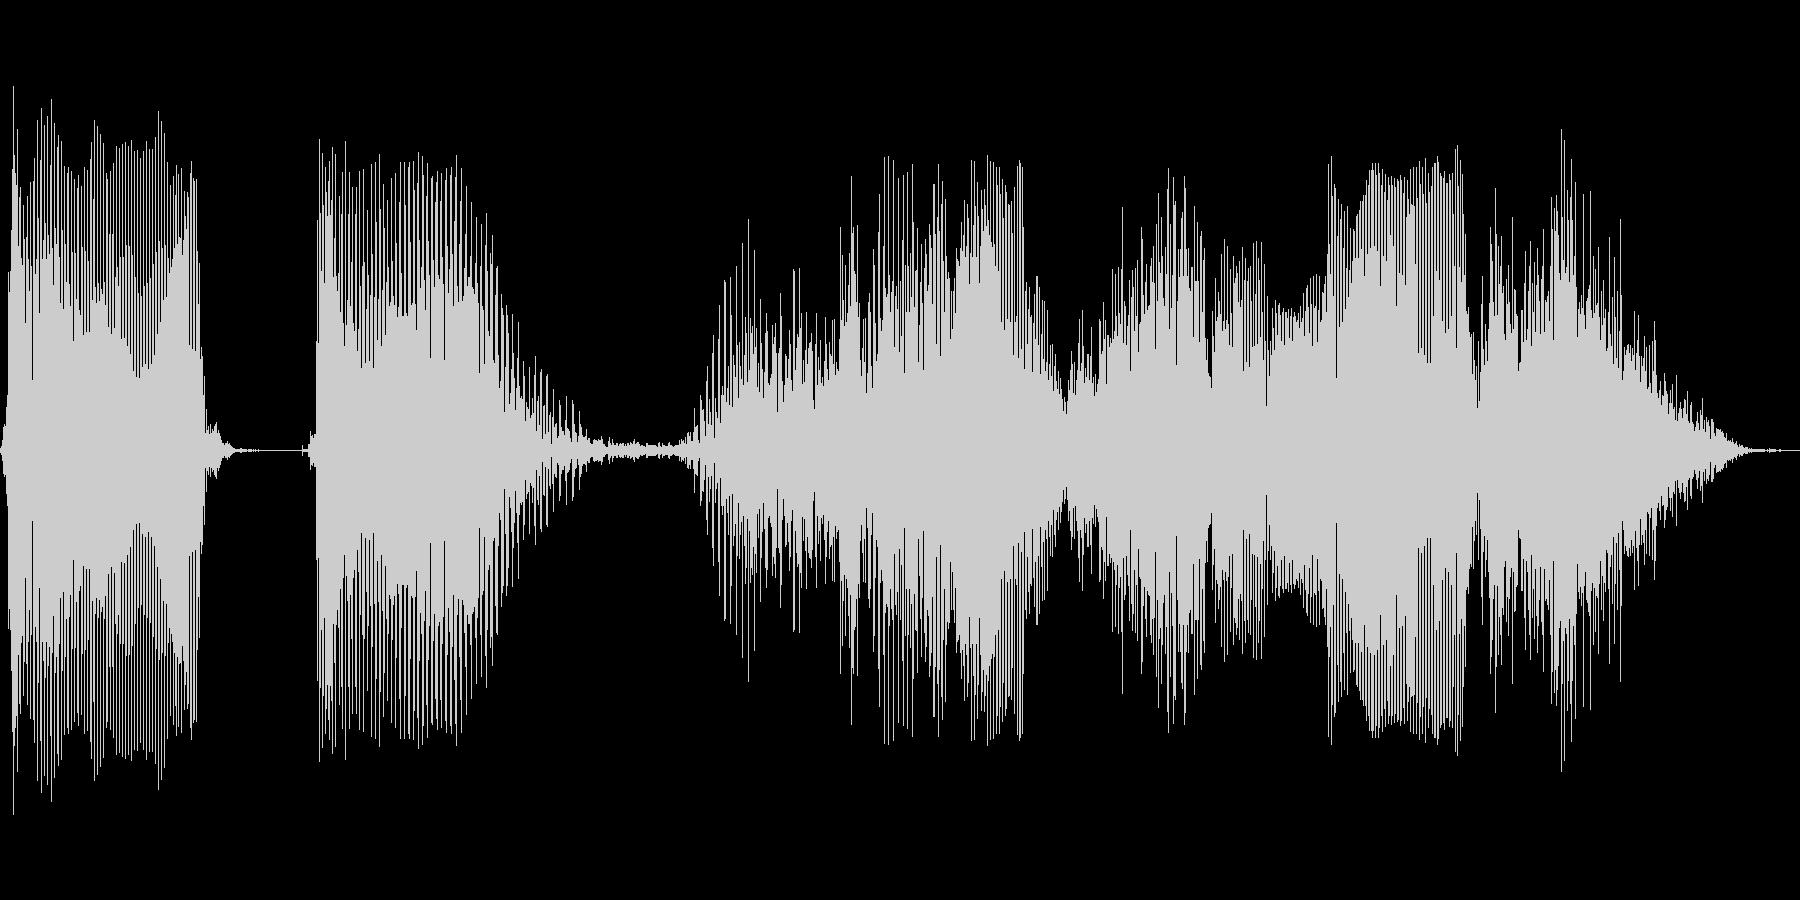 データを保存しますの未再生の波形